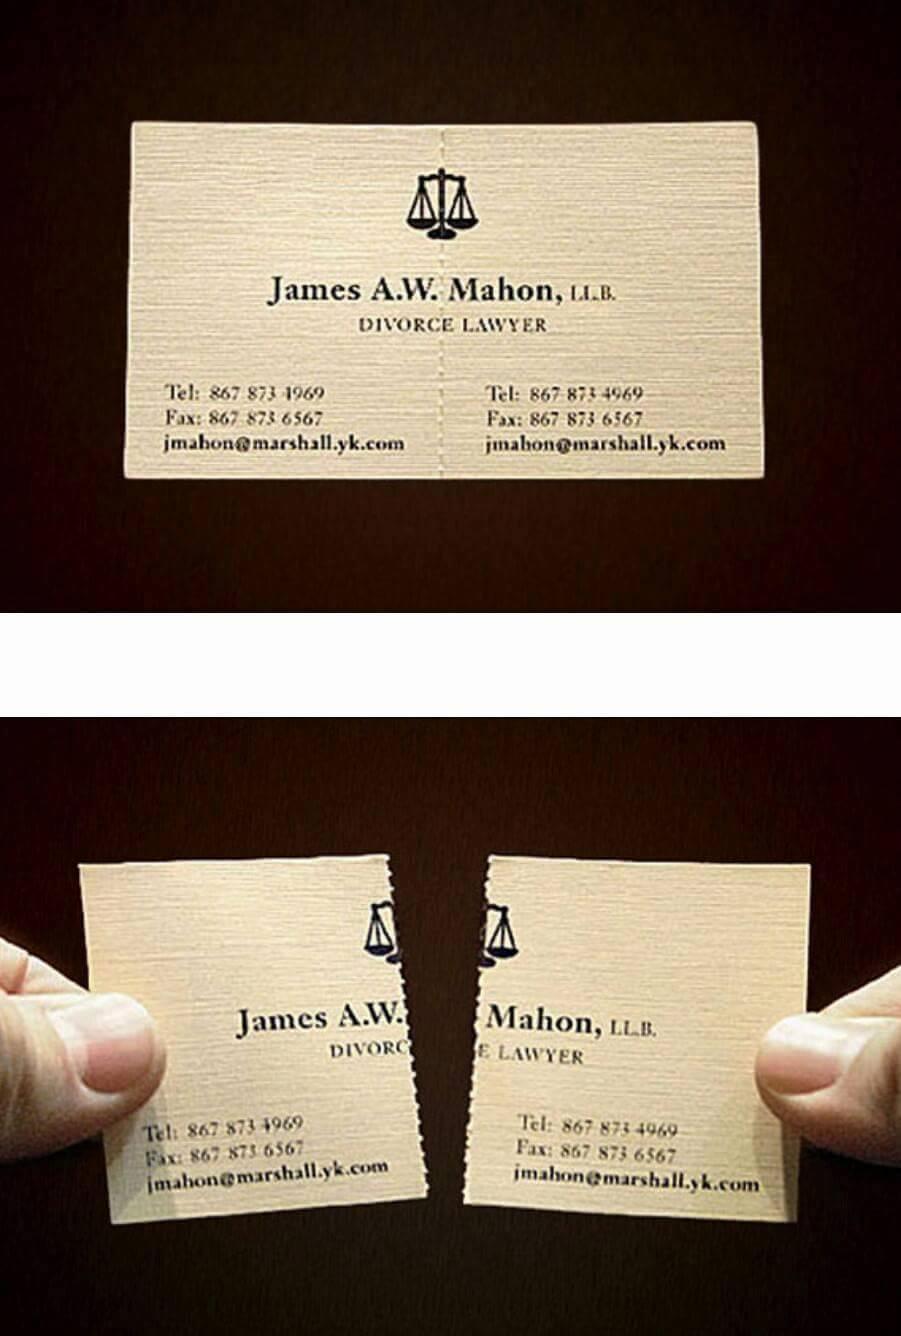 Avocat Specialise Dans Les Divorces 14054691 1431127916916346 1567543277 N 14111709 1431127890249682 544139434